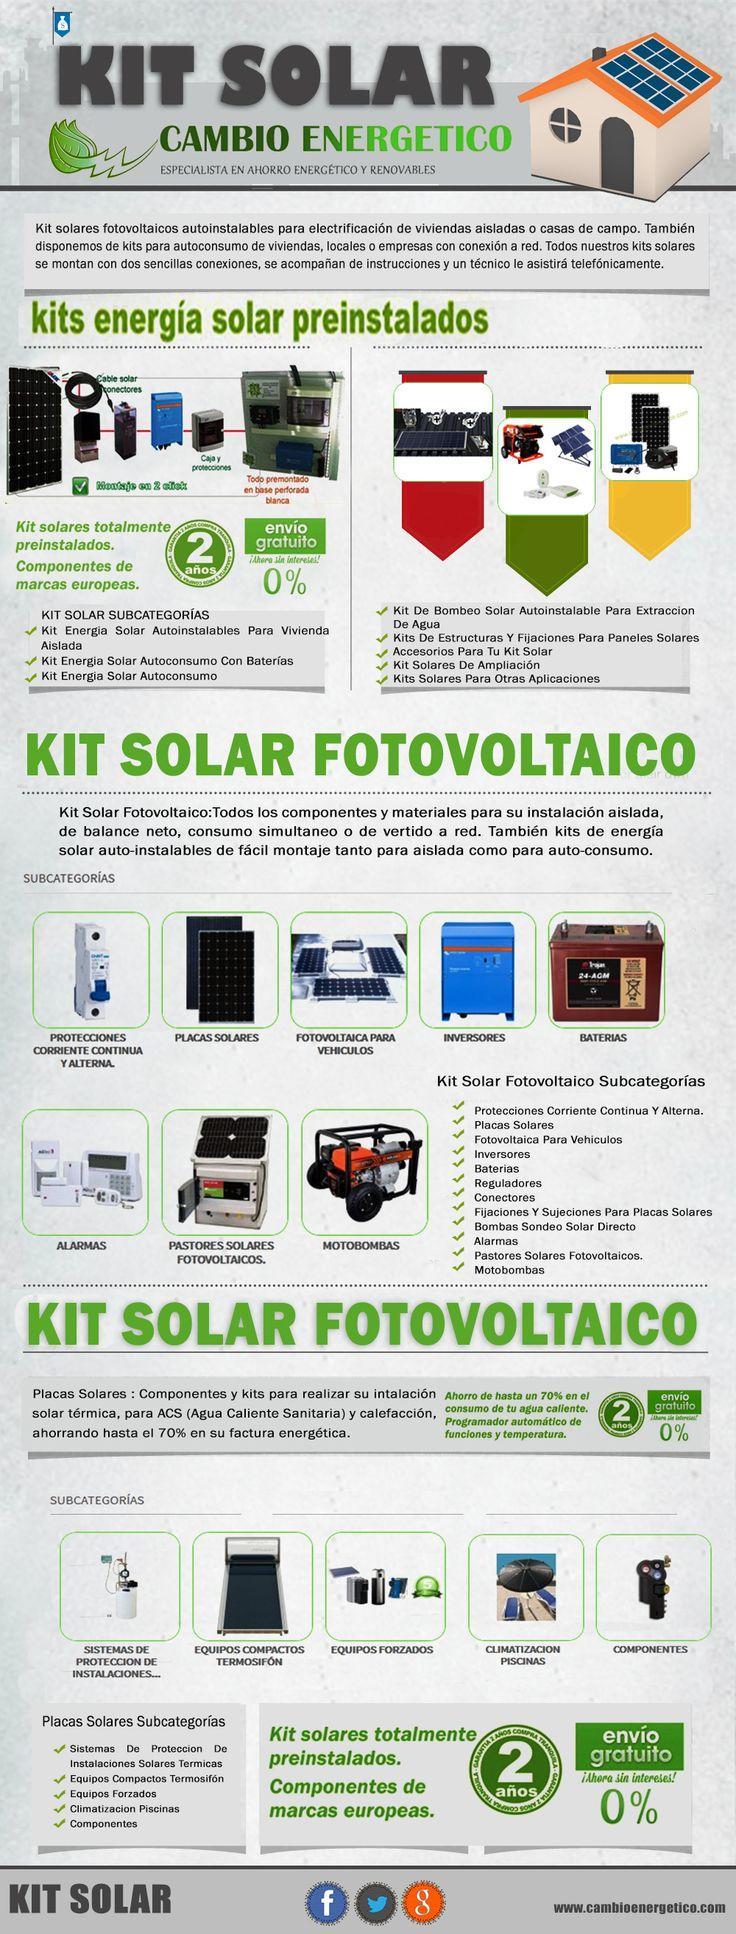 Visite este sitio http://www.cambioenergetico.com/111-kits-solares para obtener más información sobre kit solar fotovoltaico.kit solar fotovoltaico son una forma importante de los recursos energéticos renovables que se utilizan en una amplia escala. Hay muchas empresas que fabrican Kit solar que pueden utilizarse para diversos propósitos.